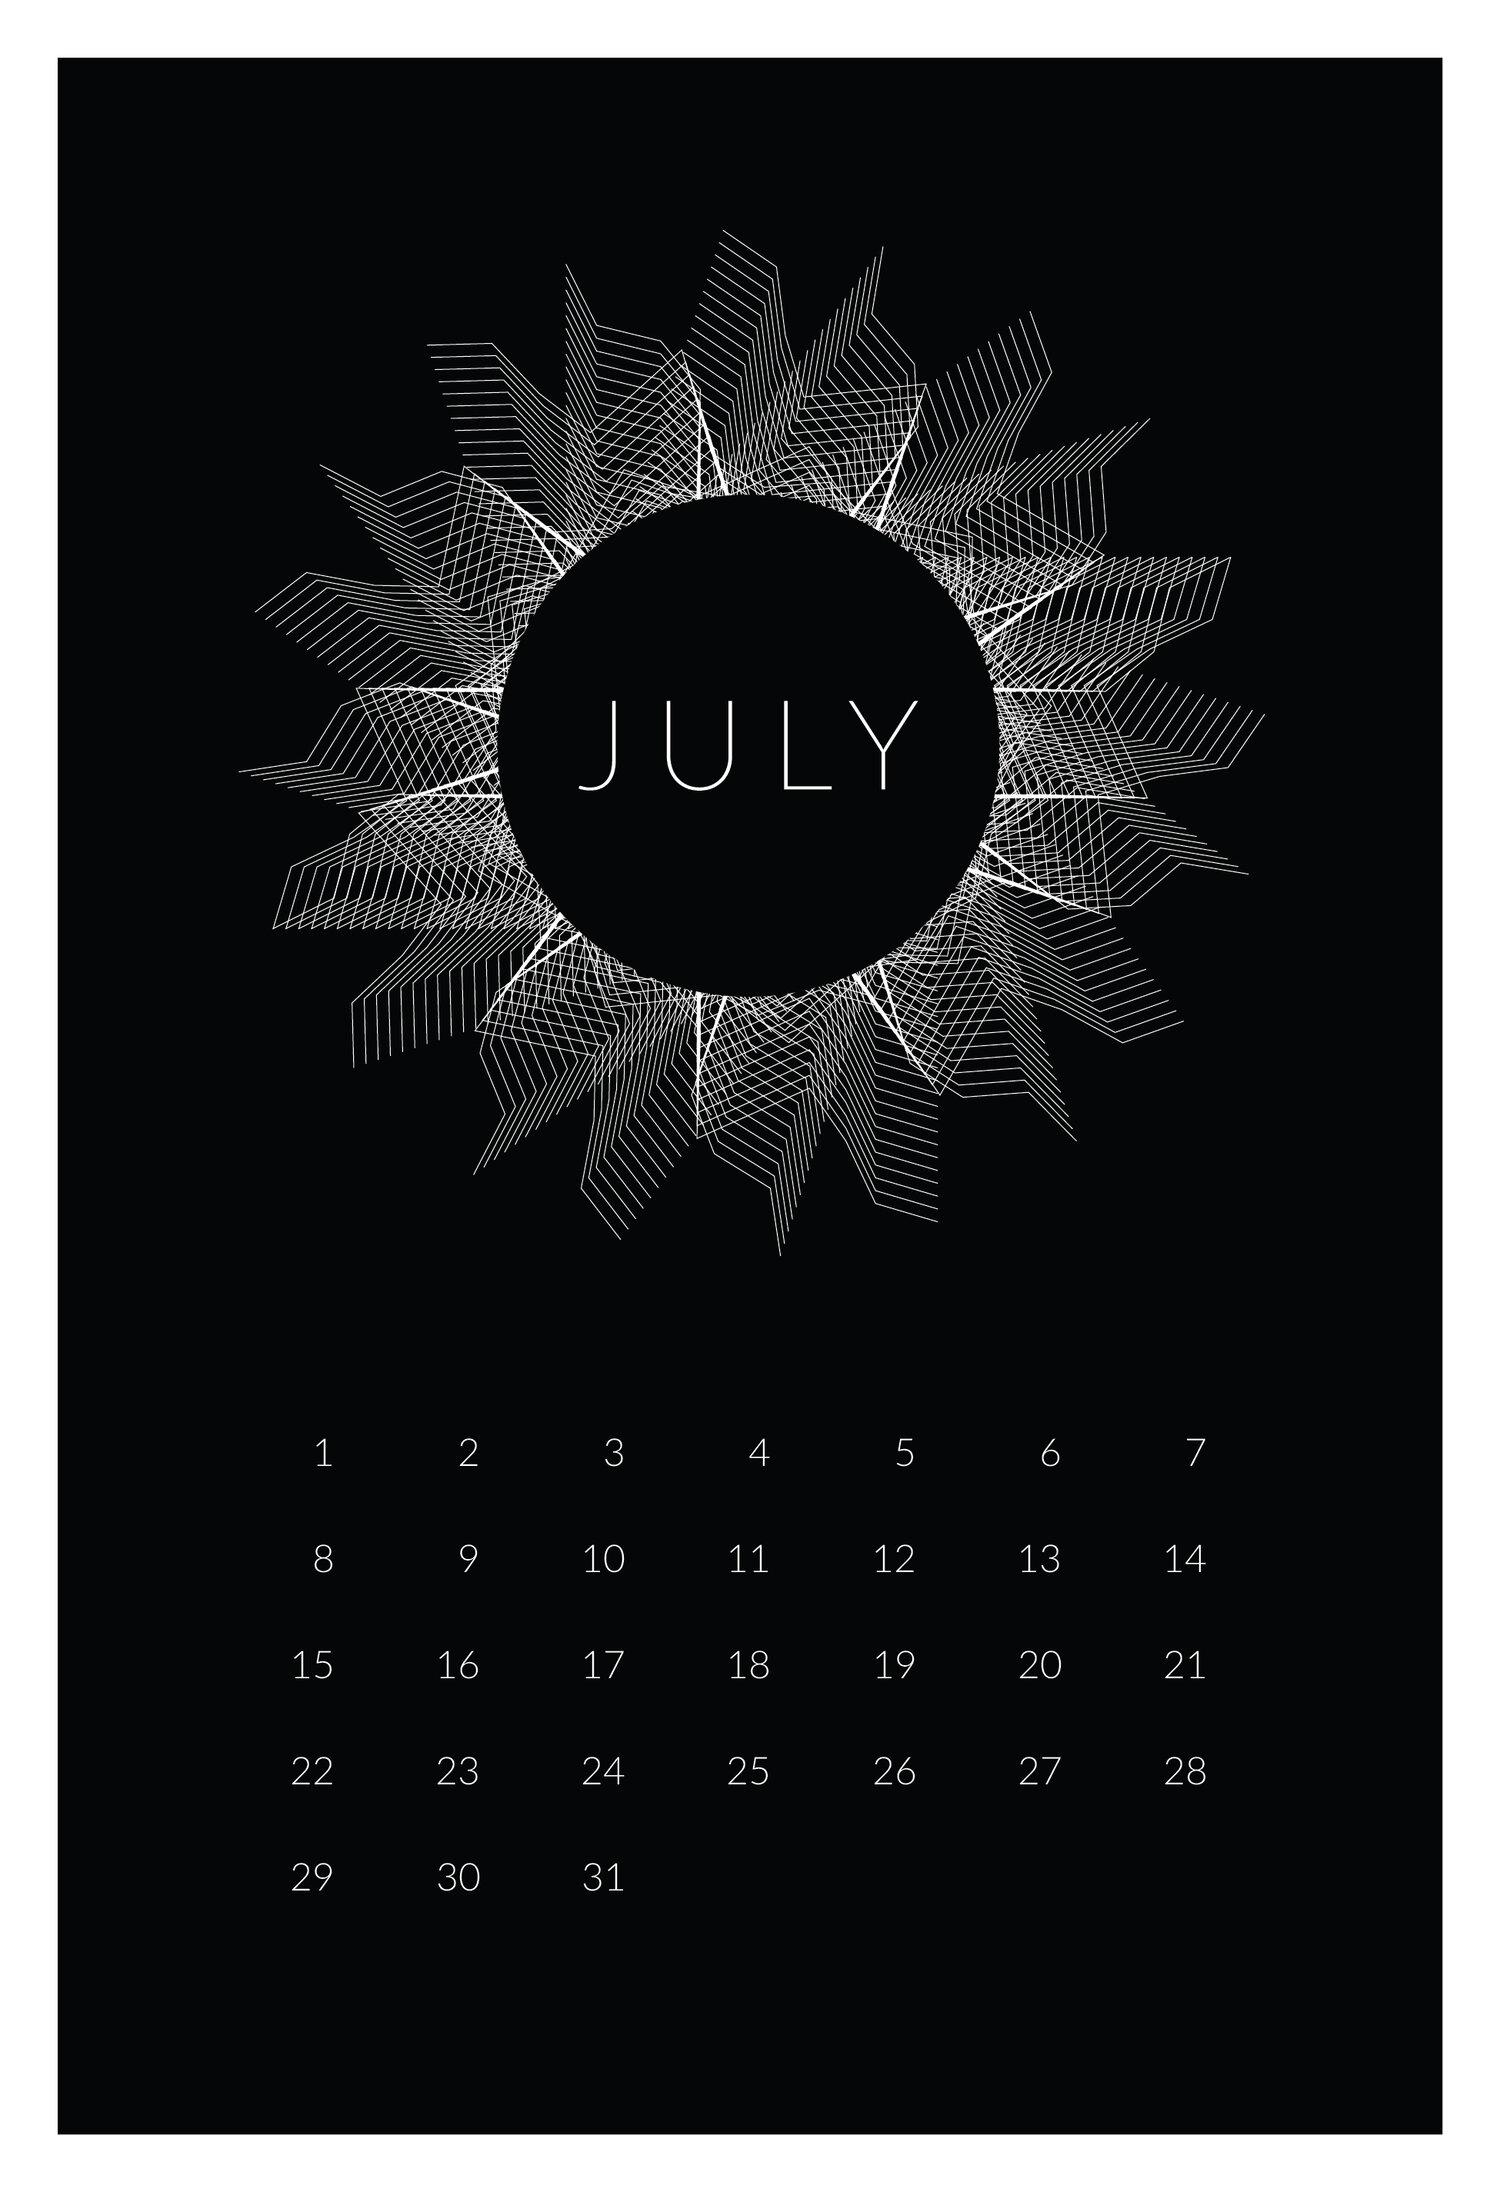 Henrik_Calendar-07.jpg